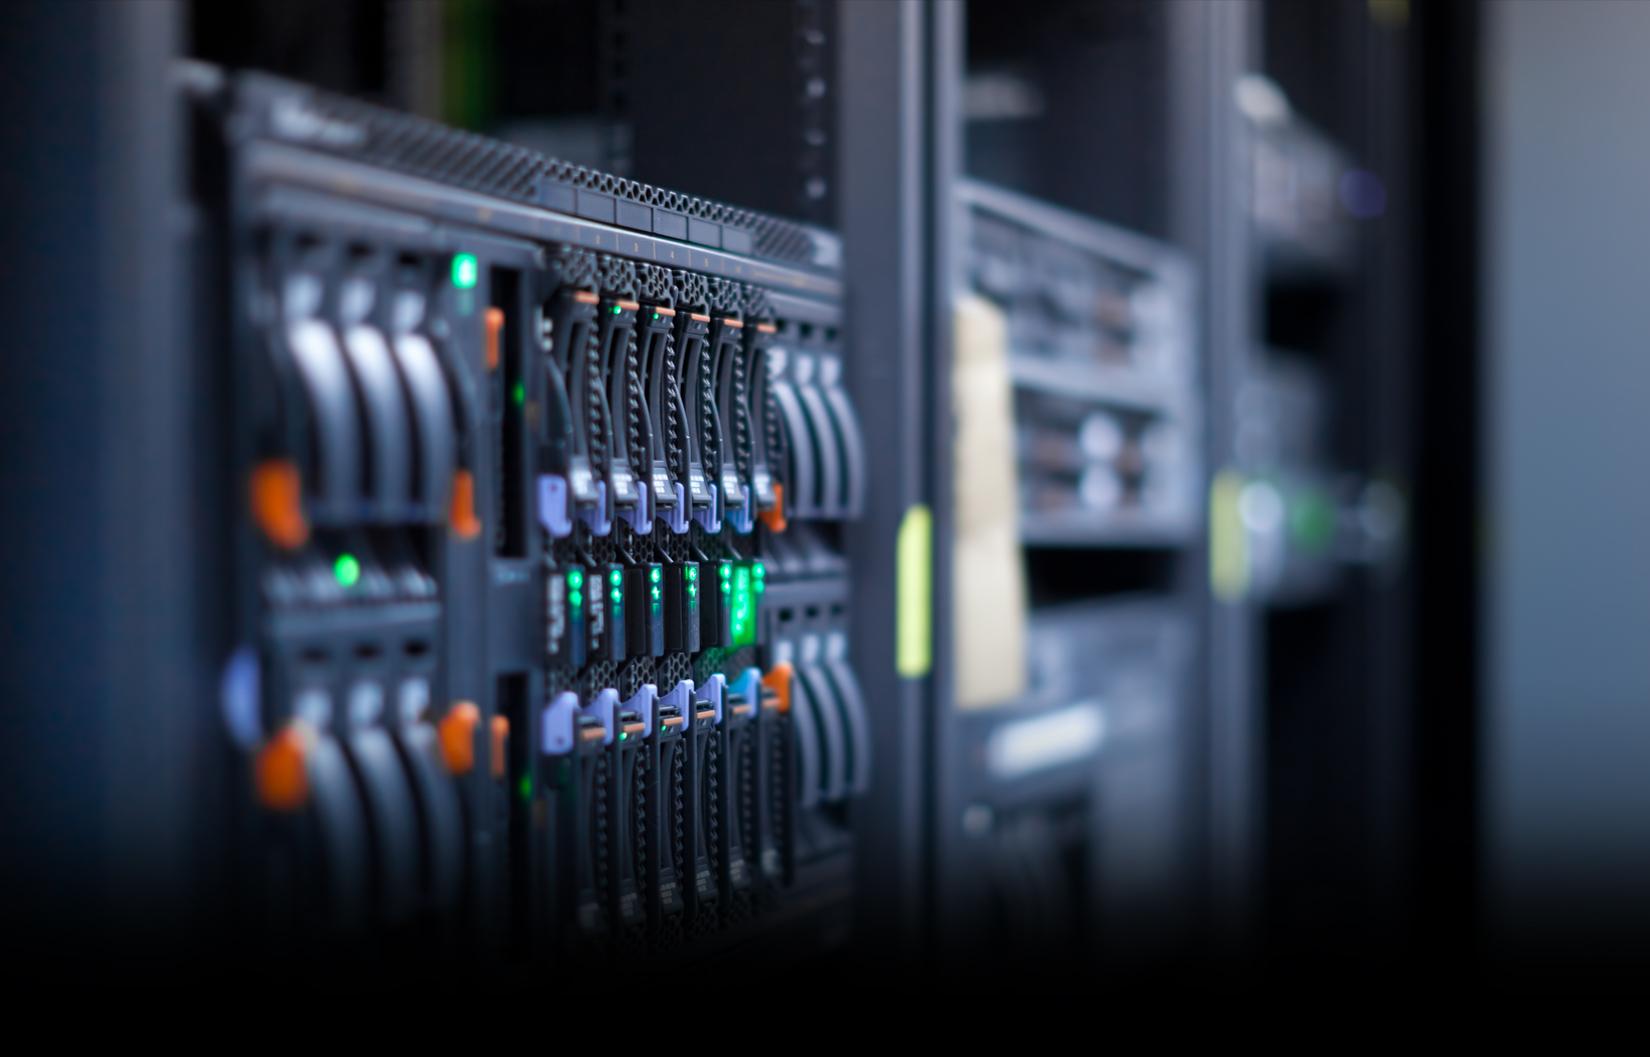 Ryuk RaaS gets new functionalities, targeting web servers